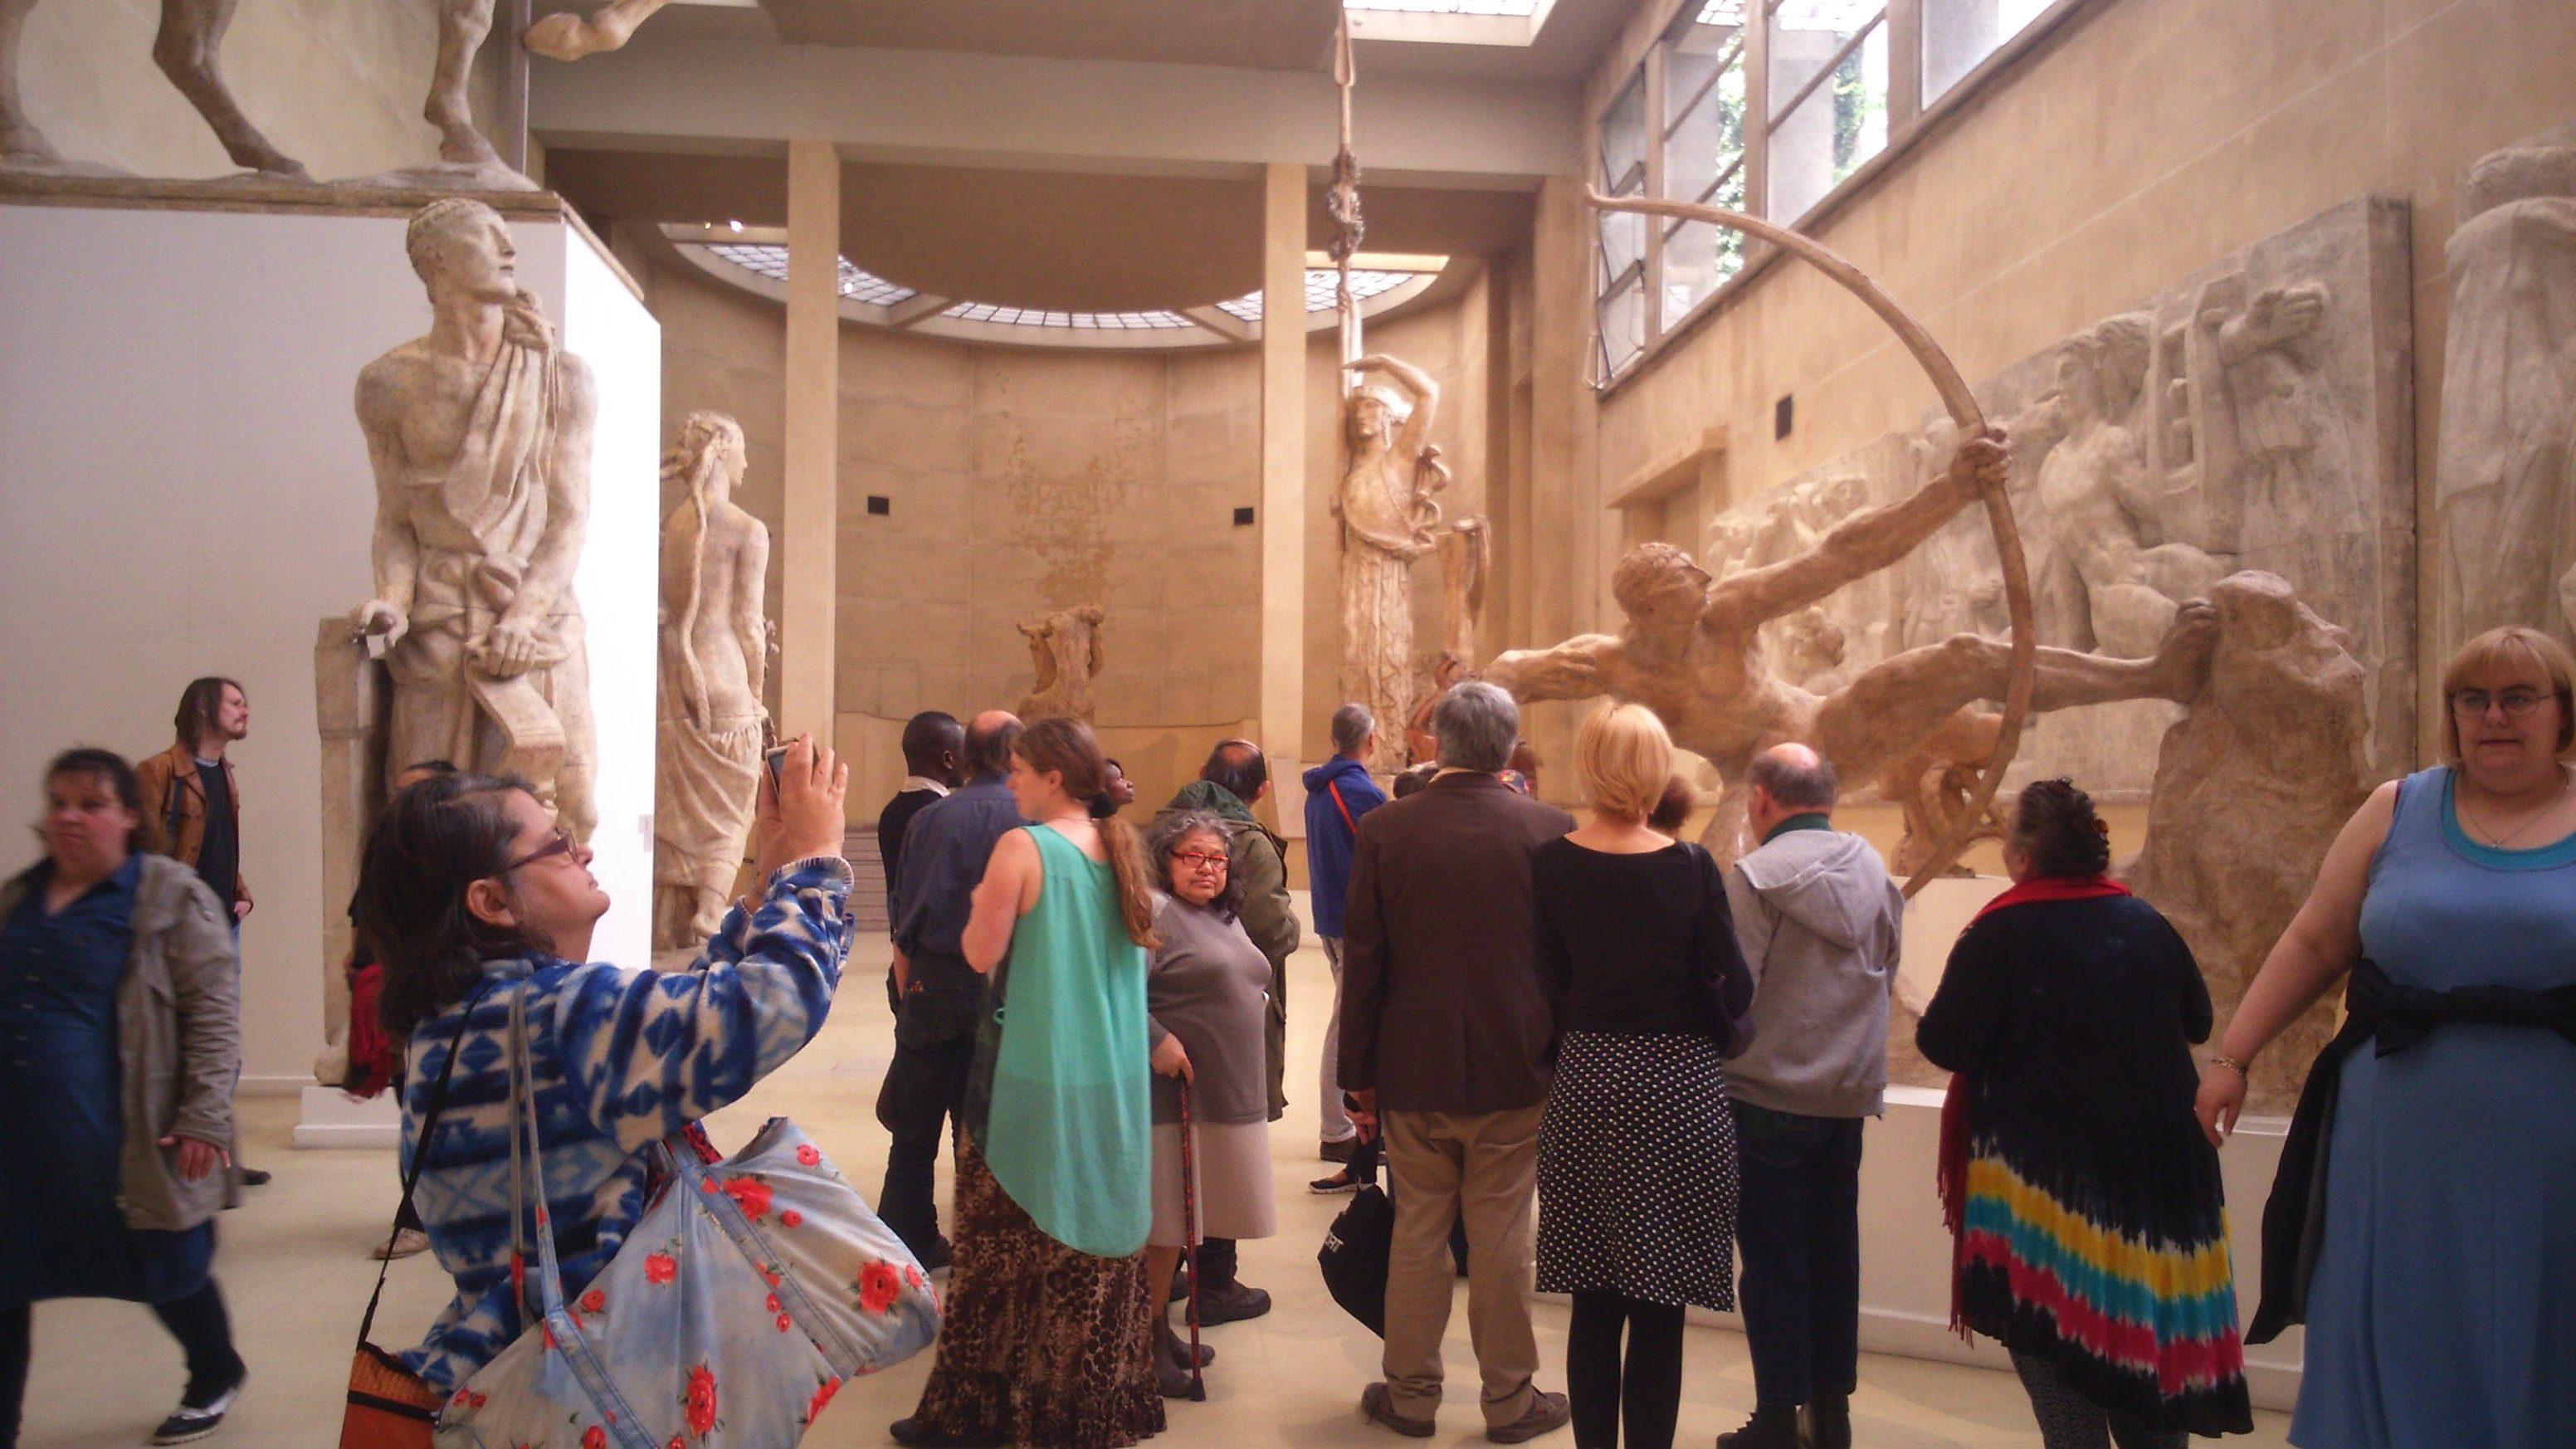 ATD_Musée Bourdelle_visite salle sculptures monumentales_2016 05 07